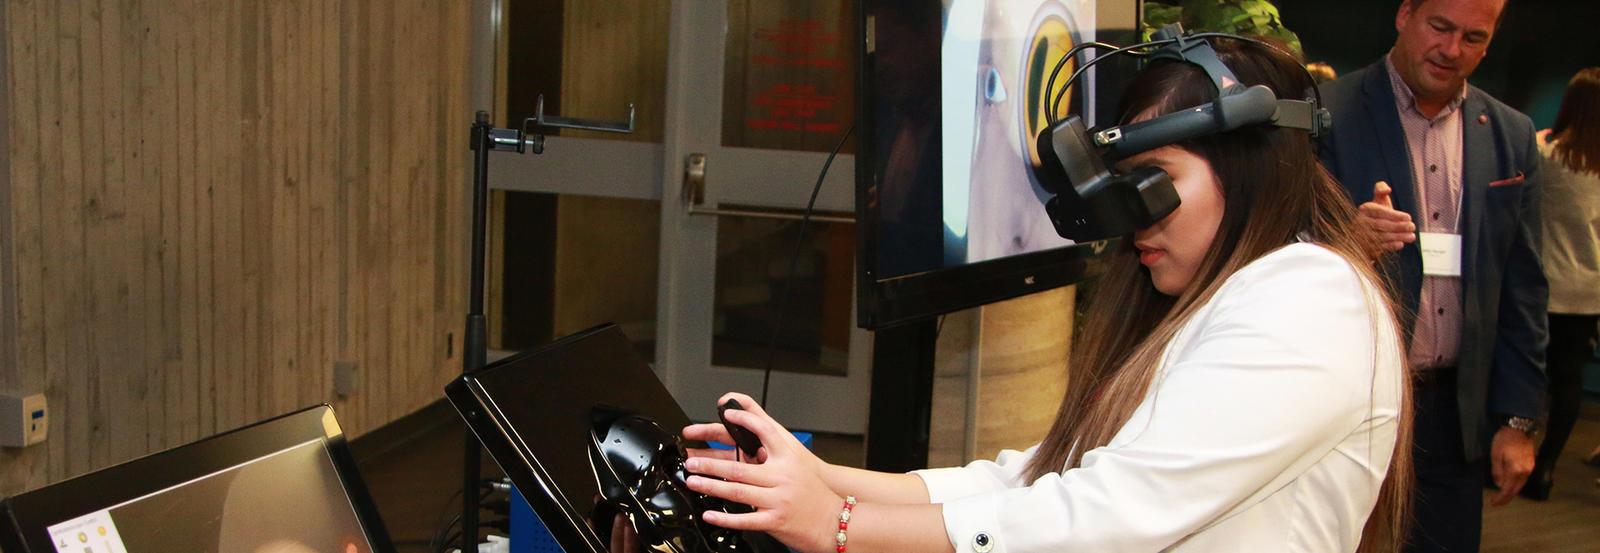 VR optometry